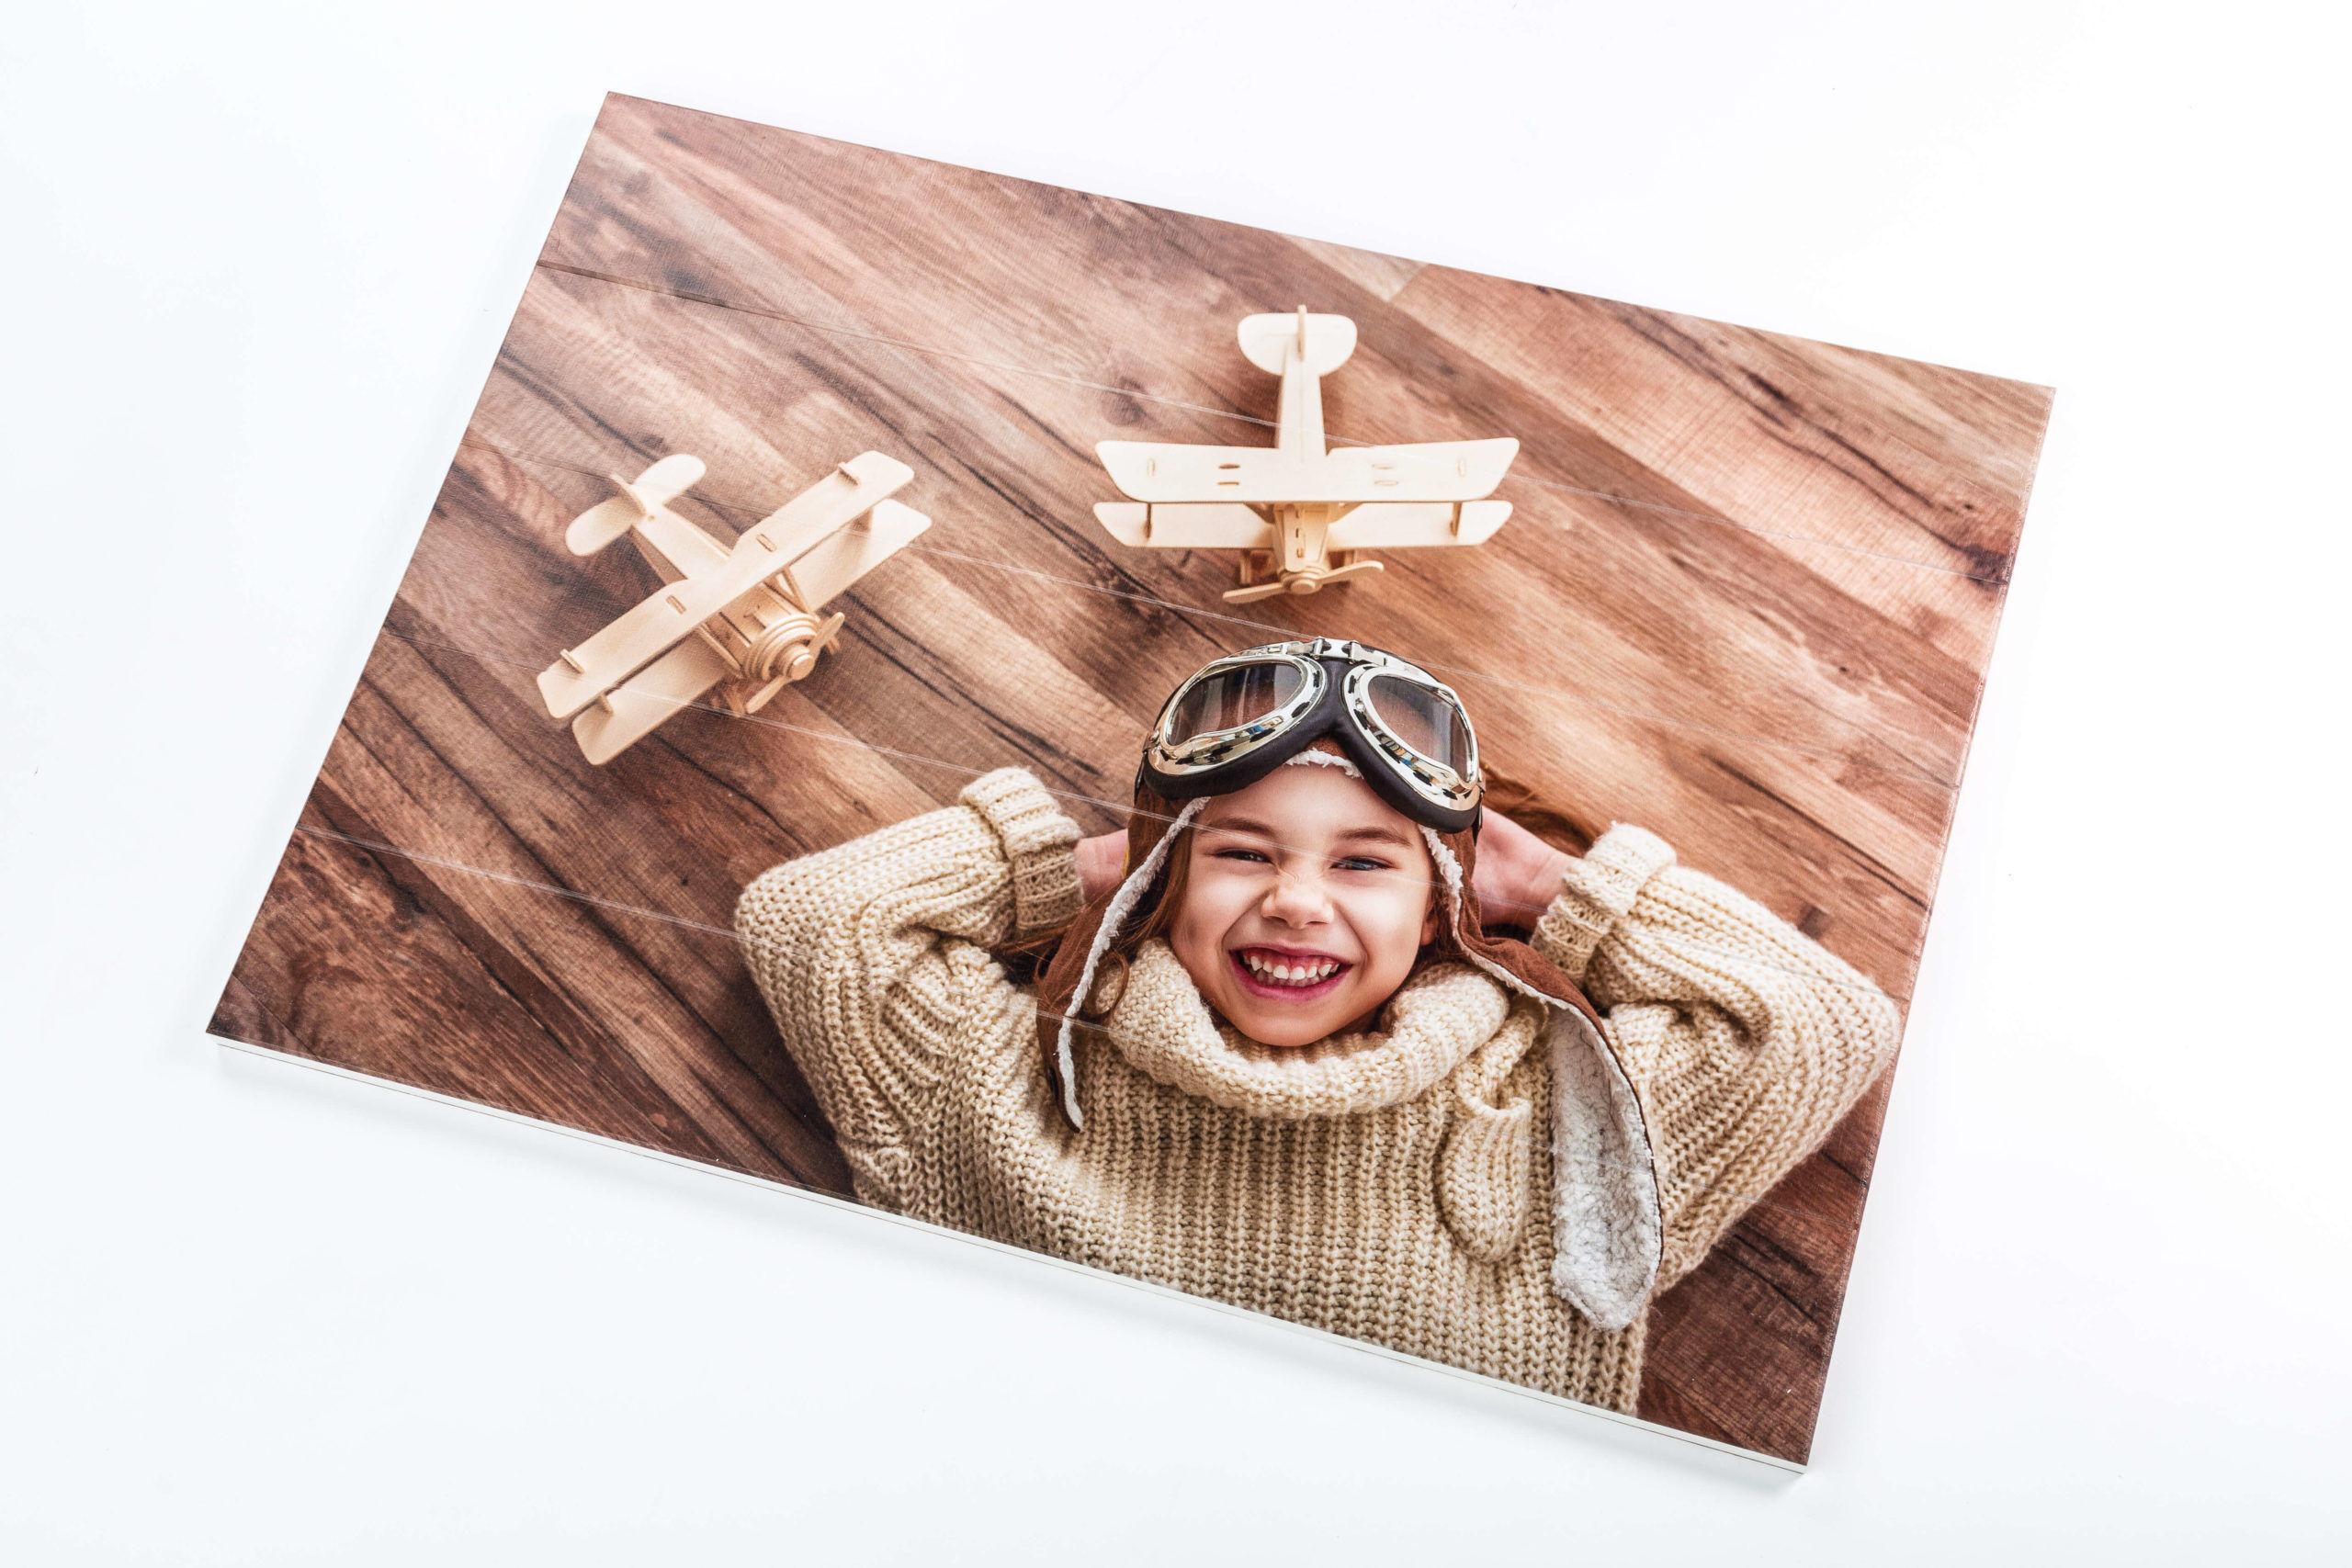 Foto op hout extra voordelig